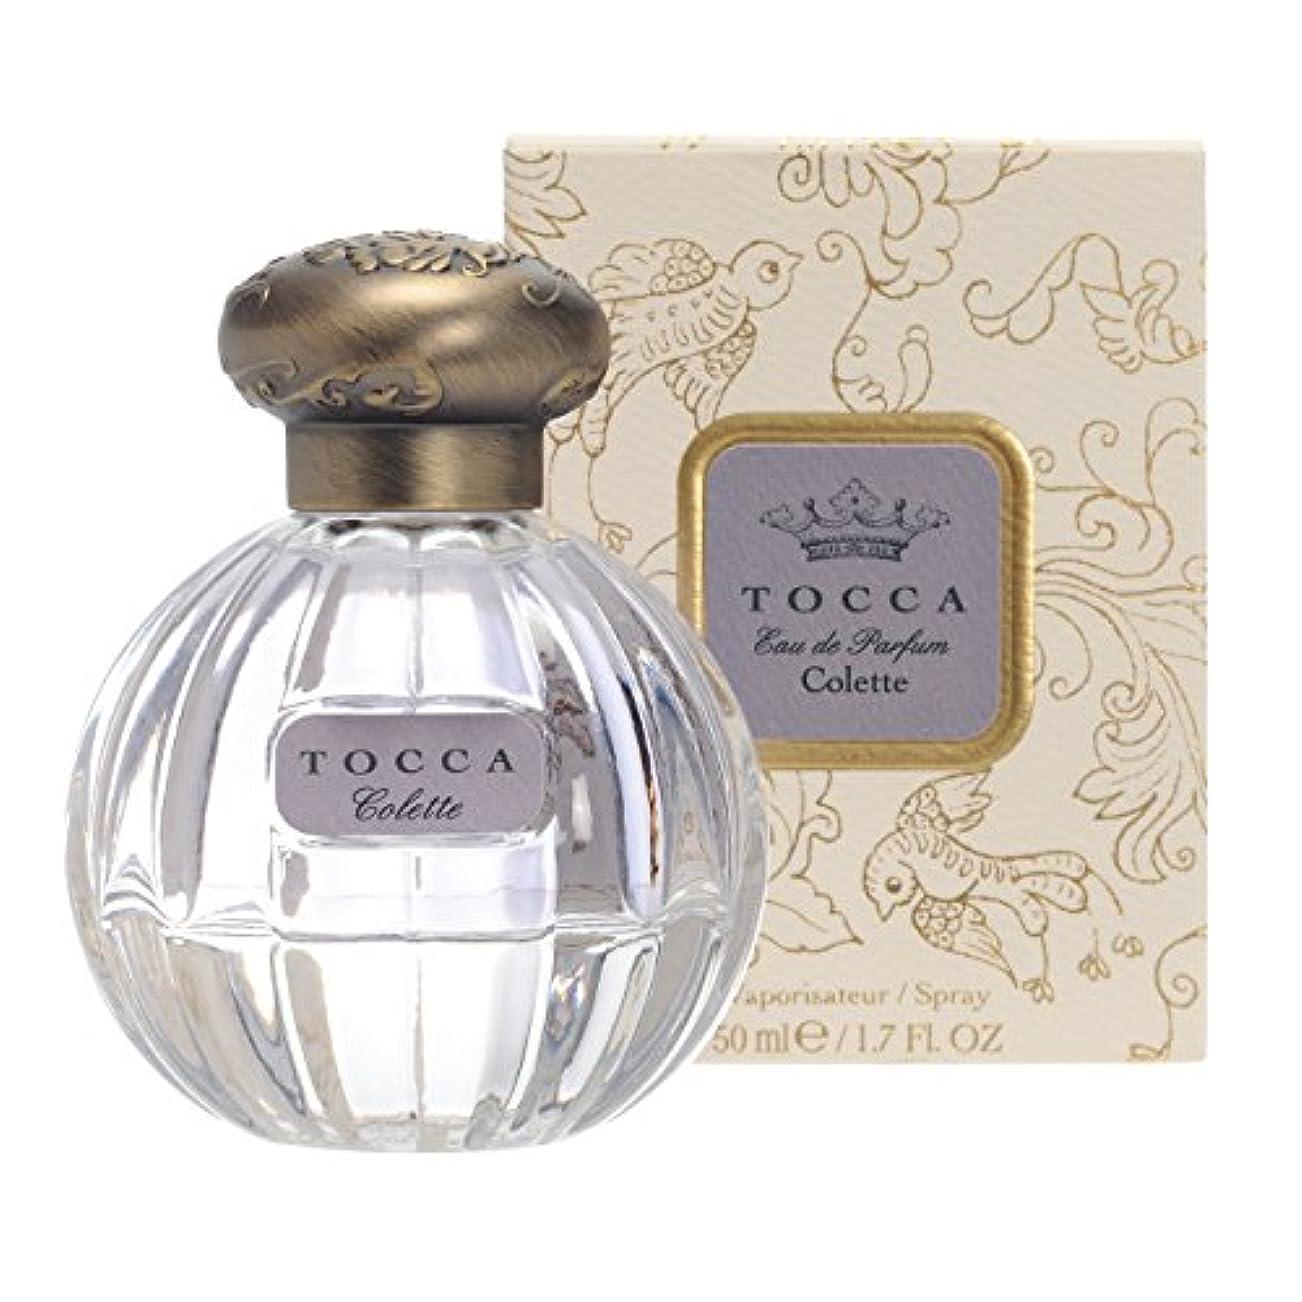 遠え血色の良いプレビスサイトトッカ(TOCCA) オードパルファム コレットの香り 50ml(香水 ベルガモットとジュニパーが絡み合う甘くスパイシーな香り)